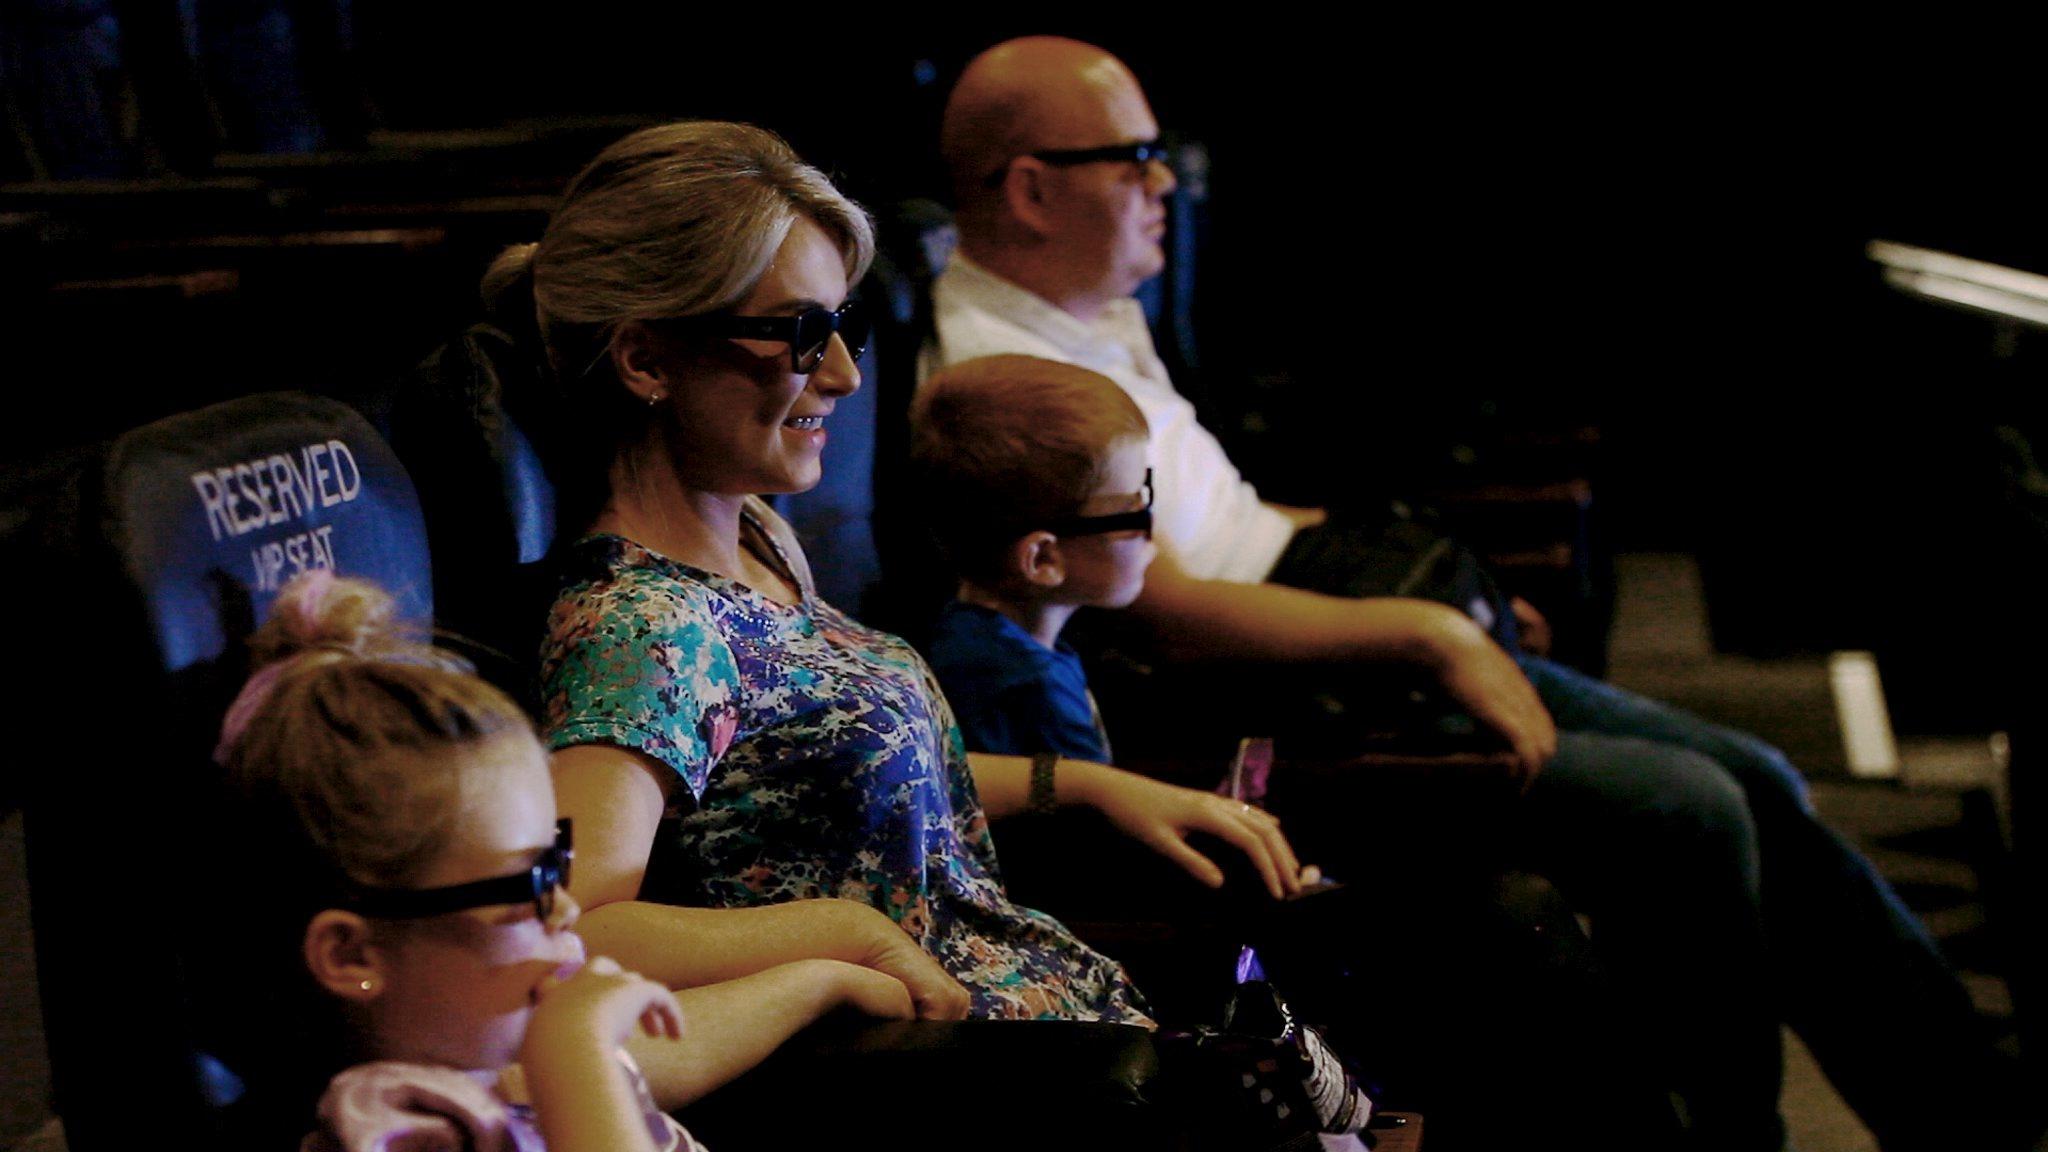 Vue Westfield London 3D glasses